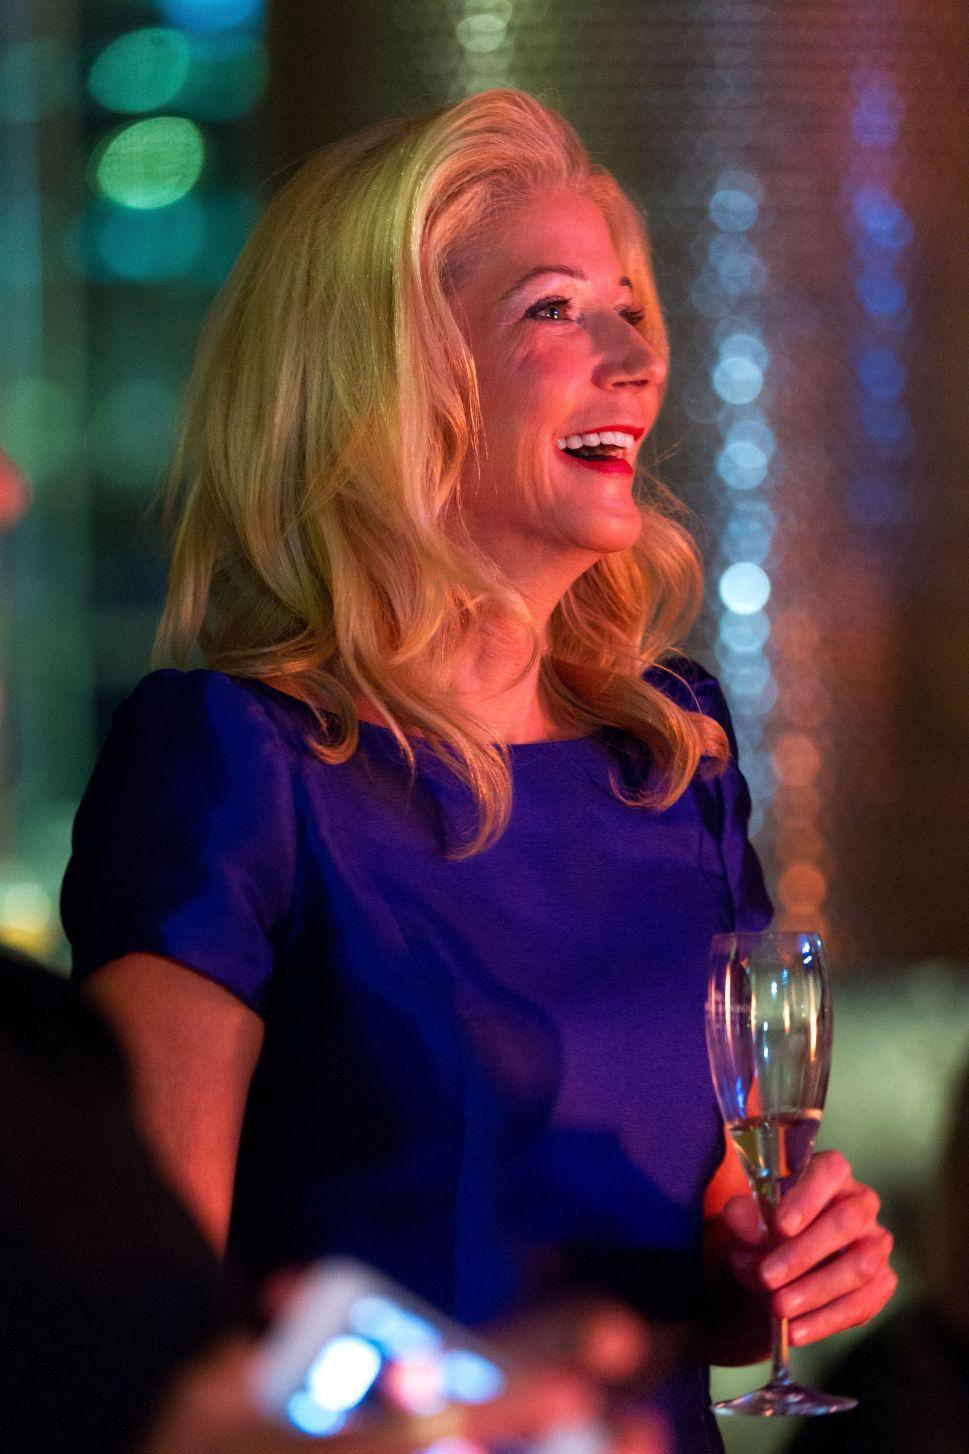 Carrie-ing the Torch: Deep Down, We're All Still A Little Bit Bradshaw